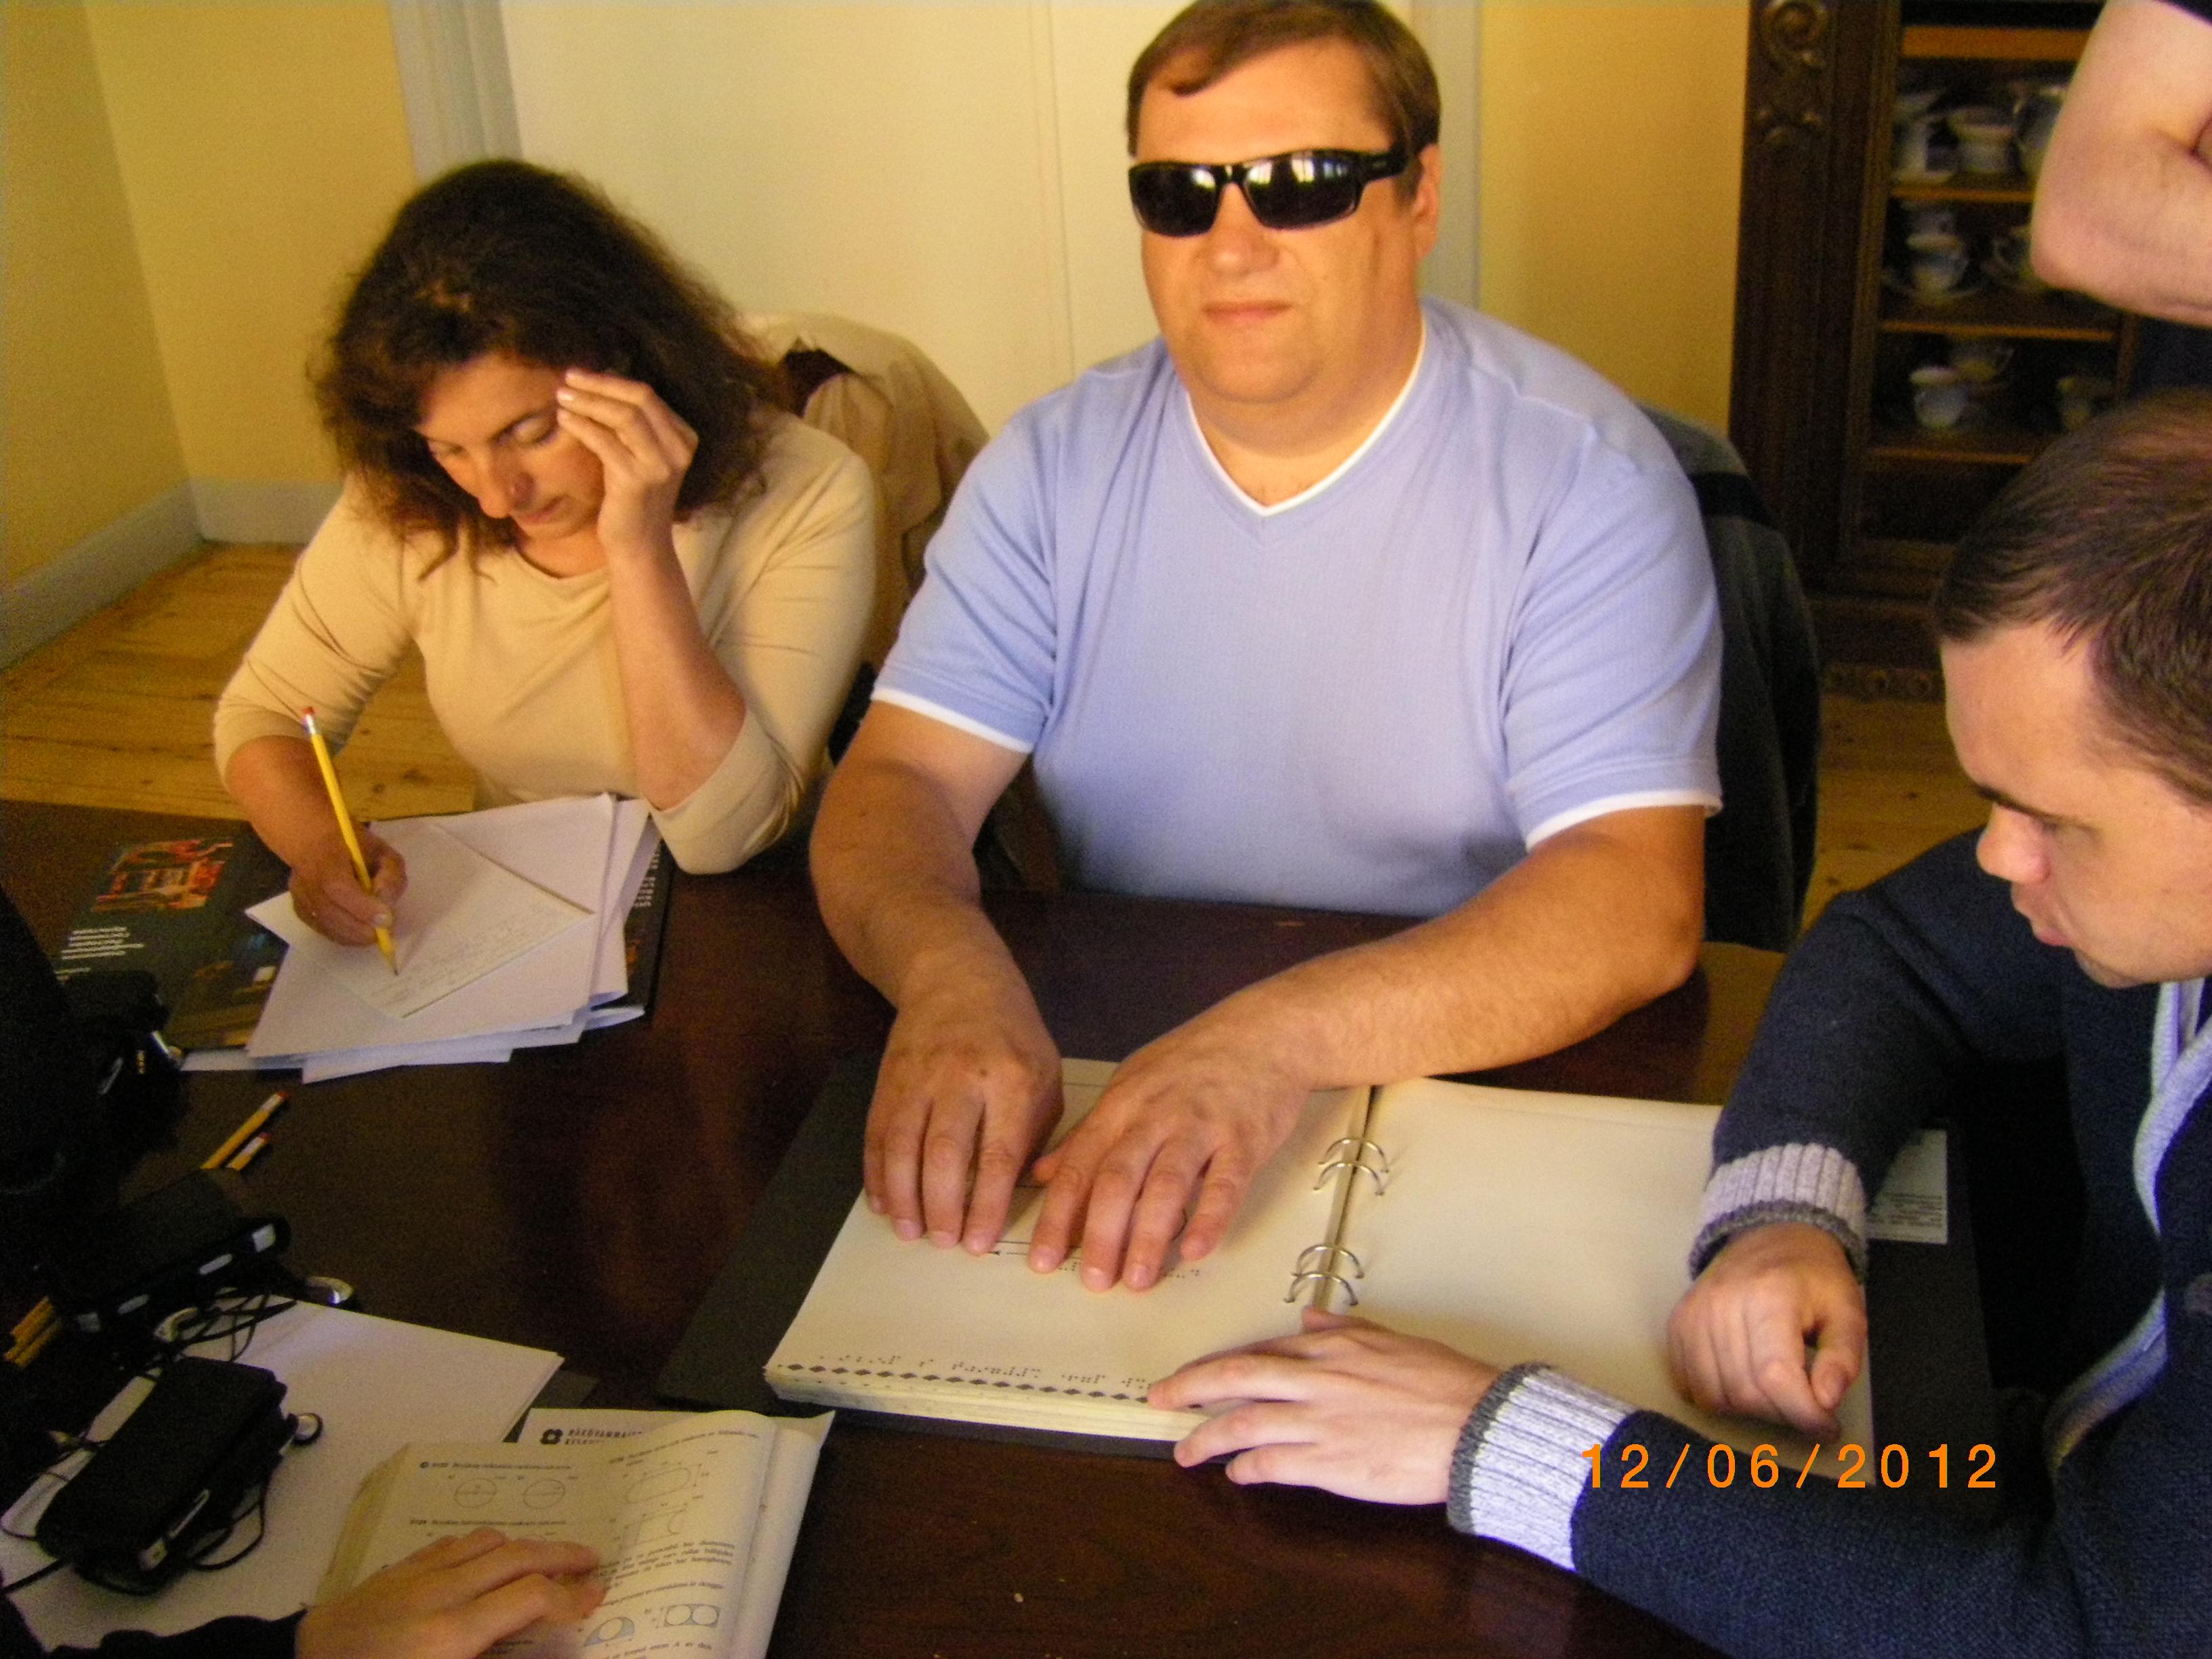 Заняття української делегації в академії Svefi, Швеція у червні 2012 р